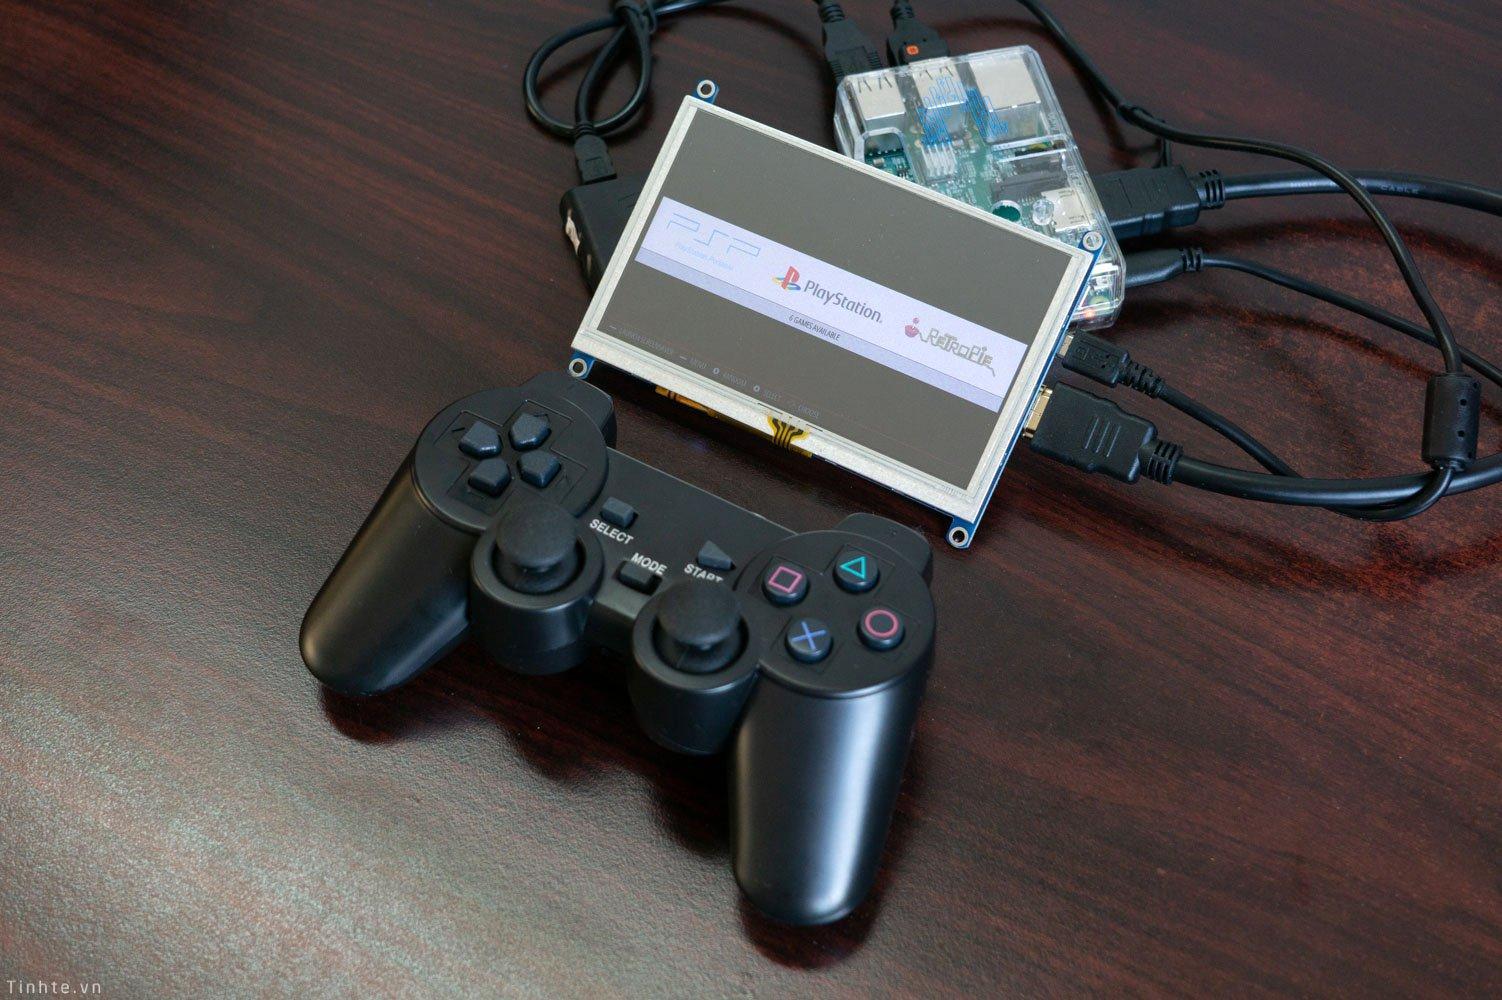 Retropie – Biến Raspberry Pi thành máy chơi điện tử